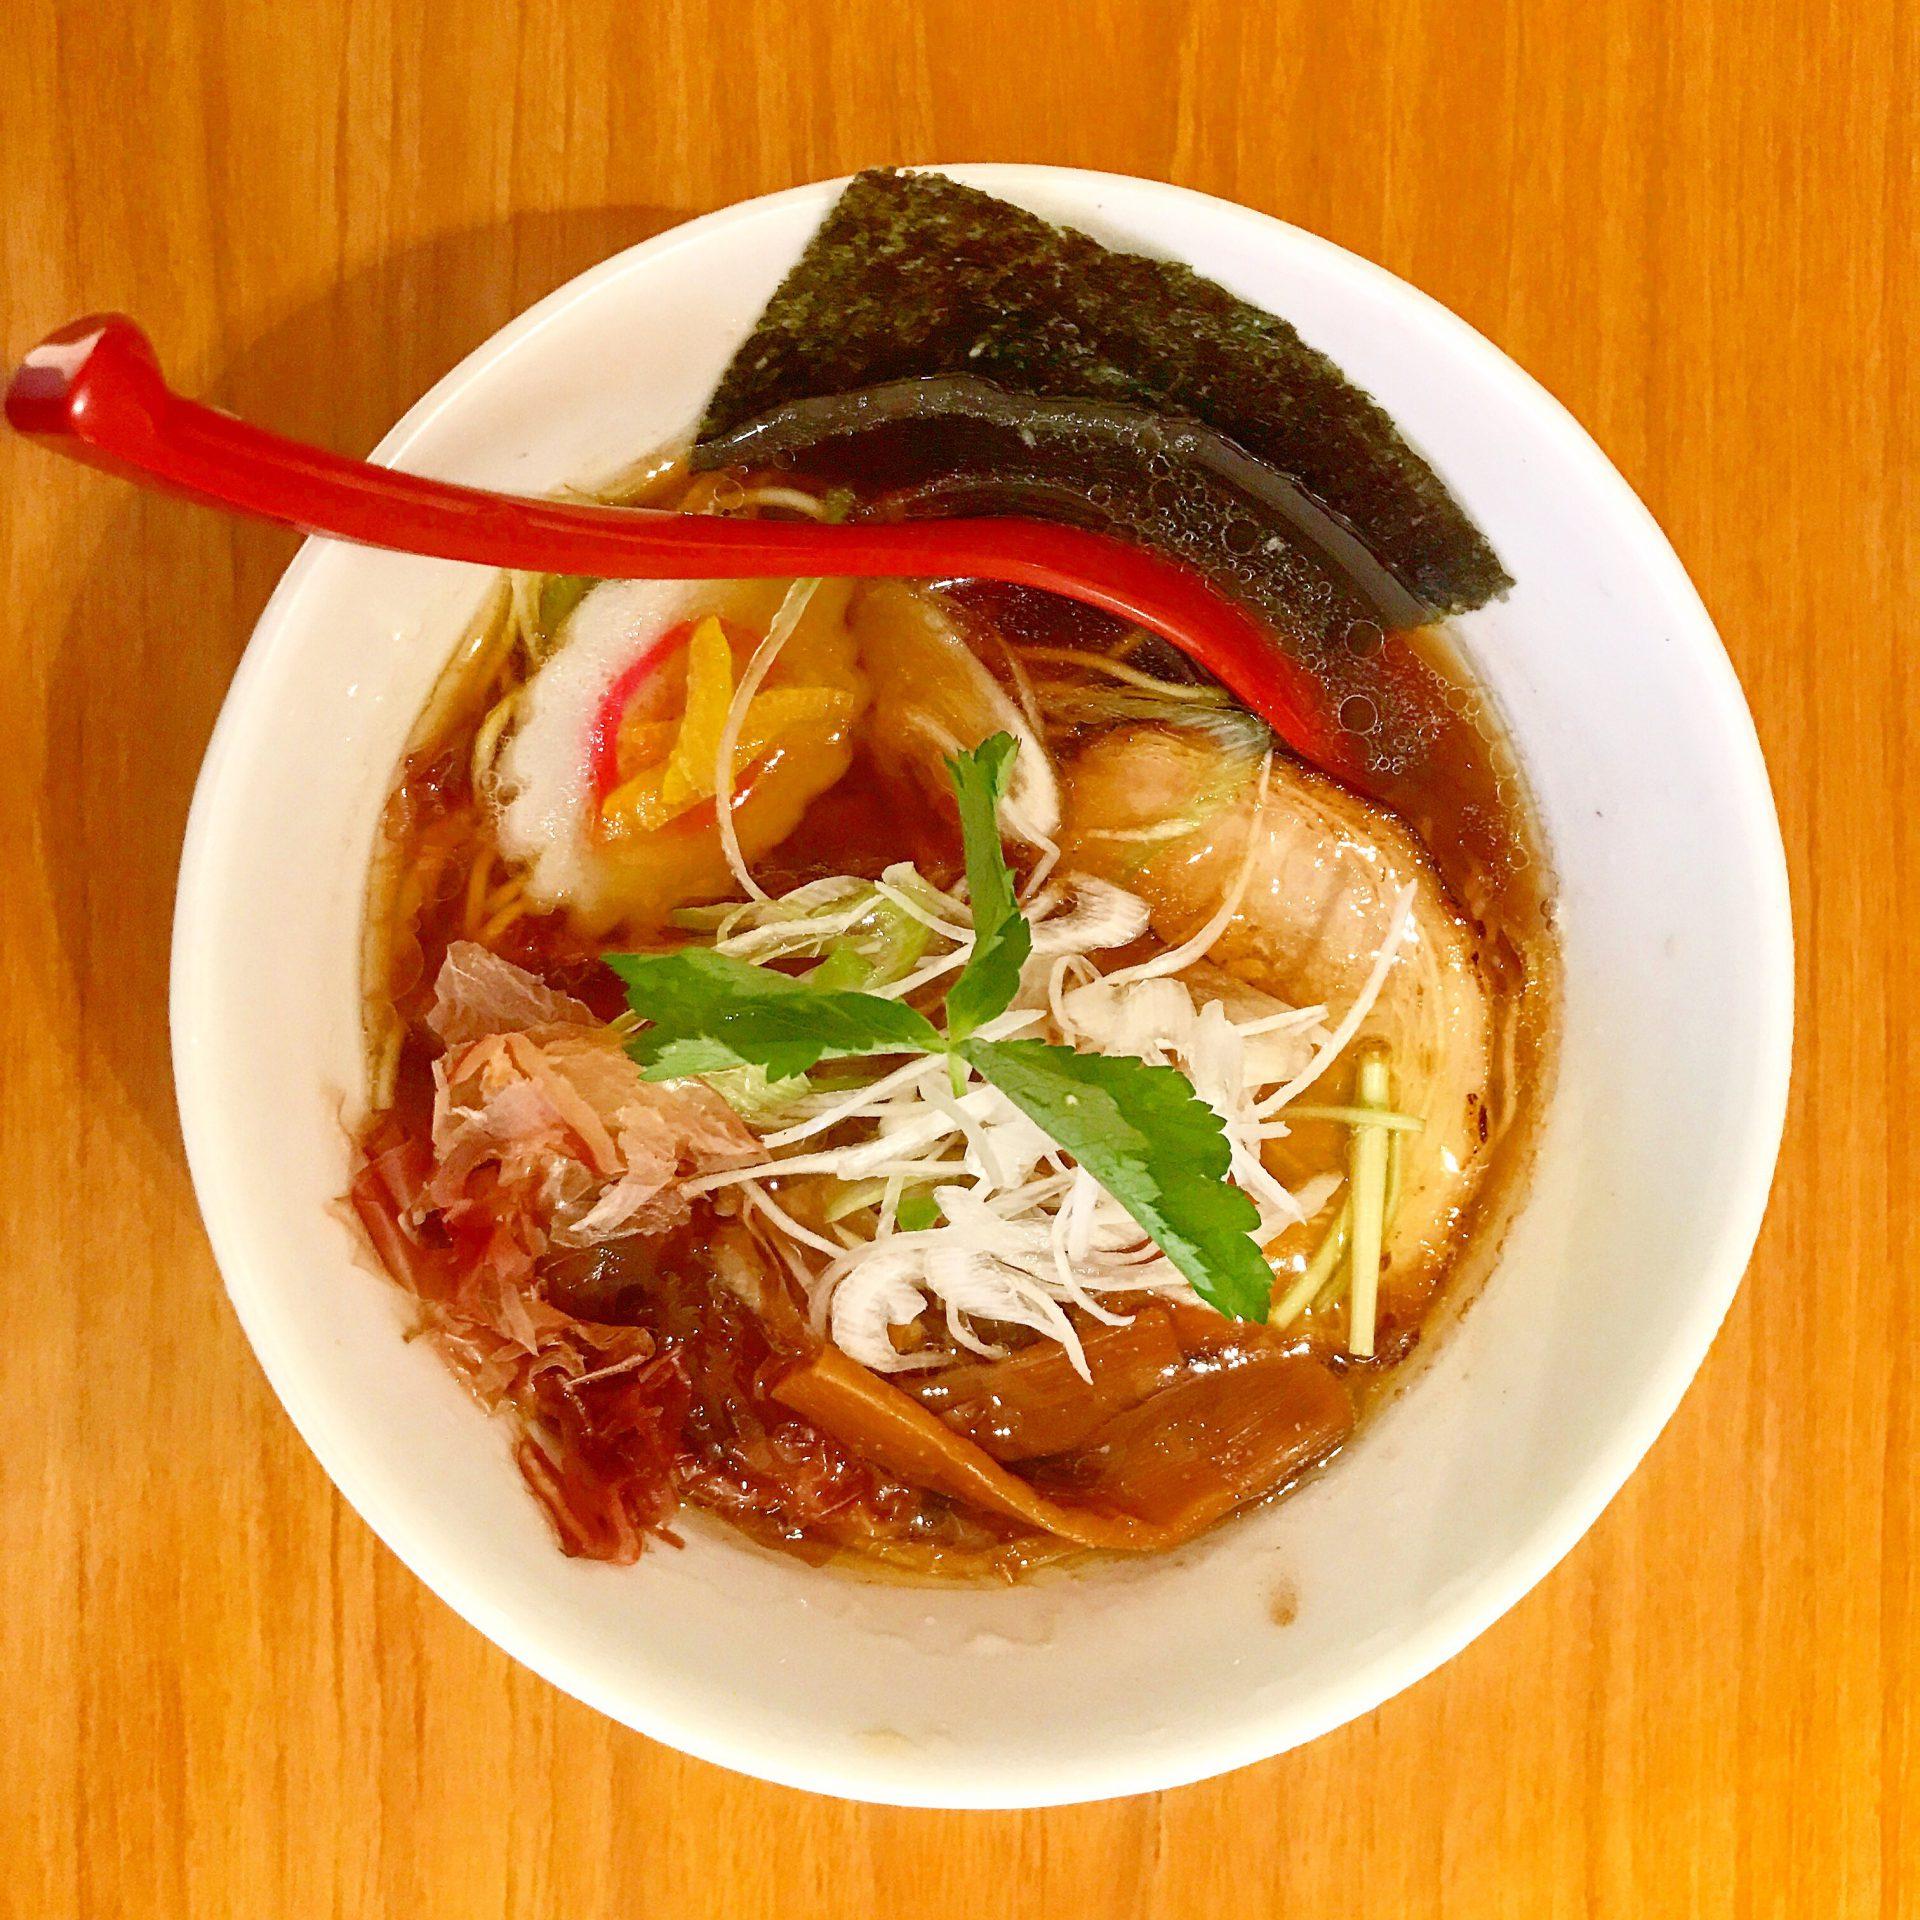 具との調和を楽しむしょうゆラーメン〜麺屋燕 in 静岡